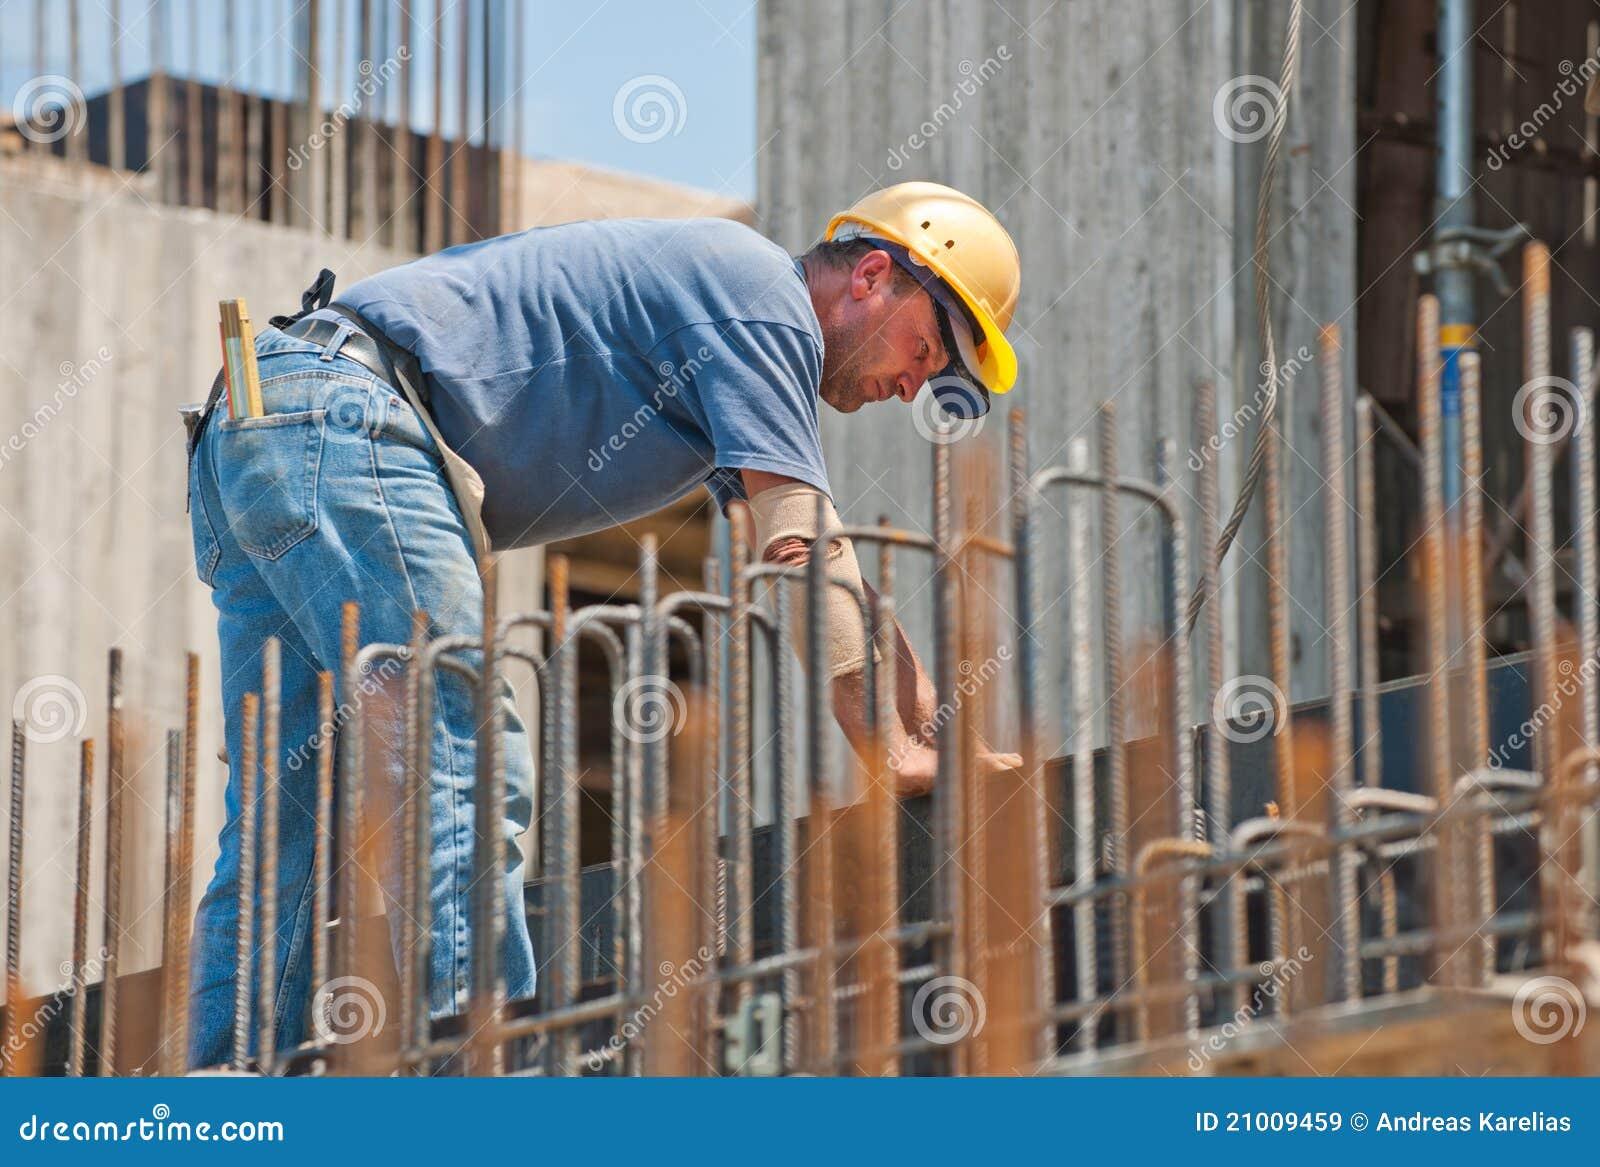 Bauarbeiter besetzt mit forwork Feldern